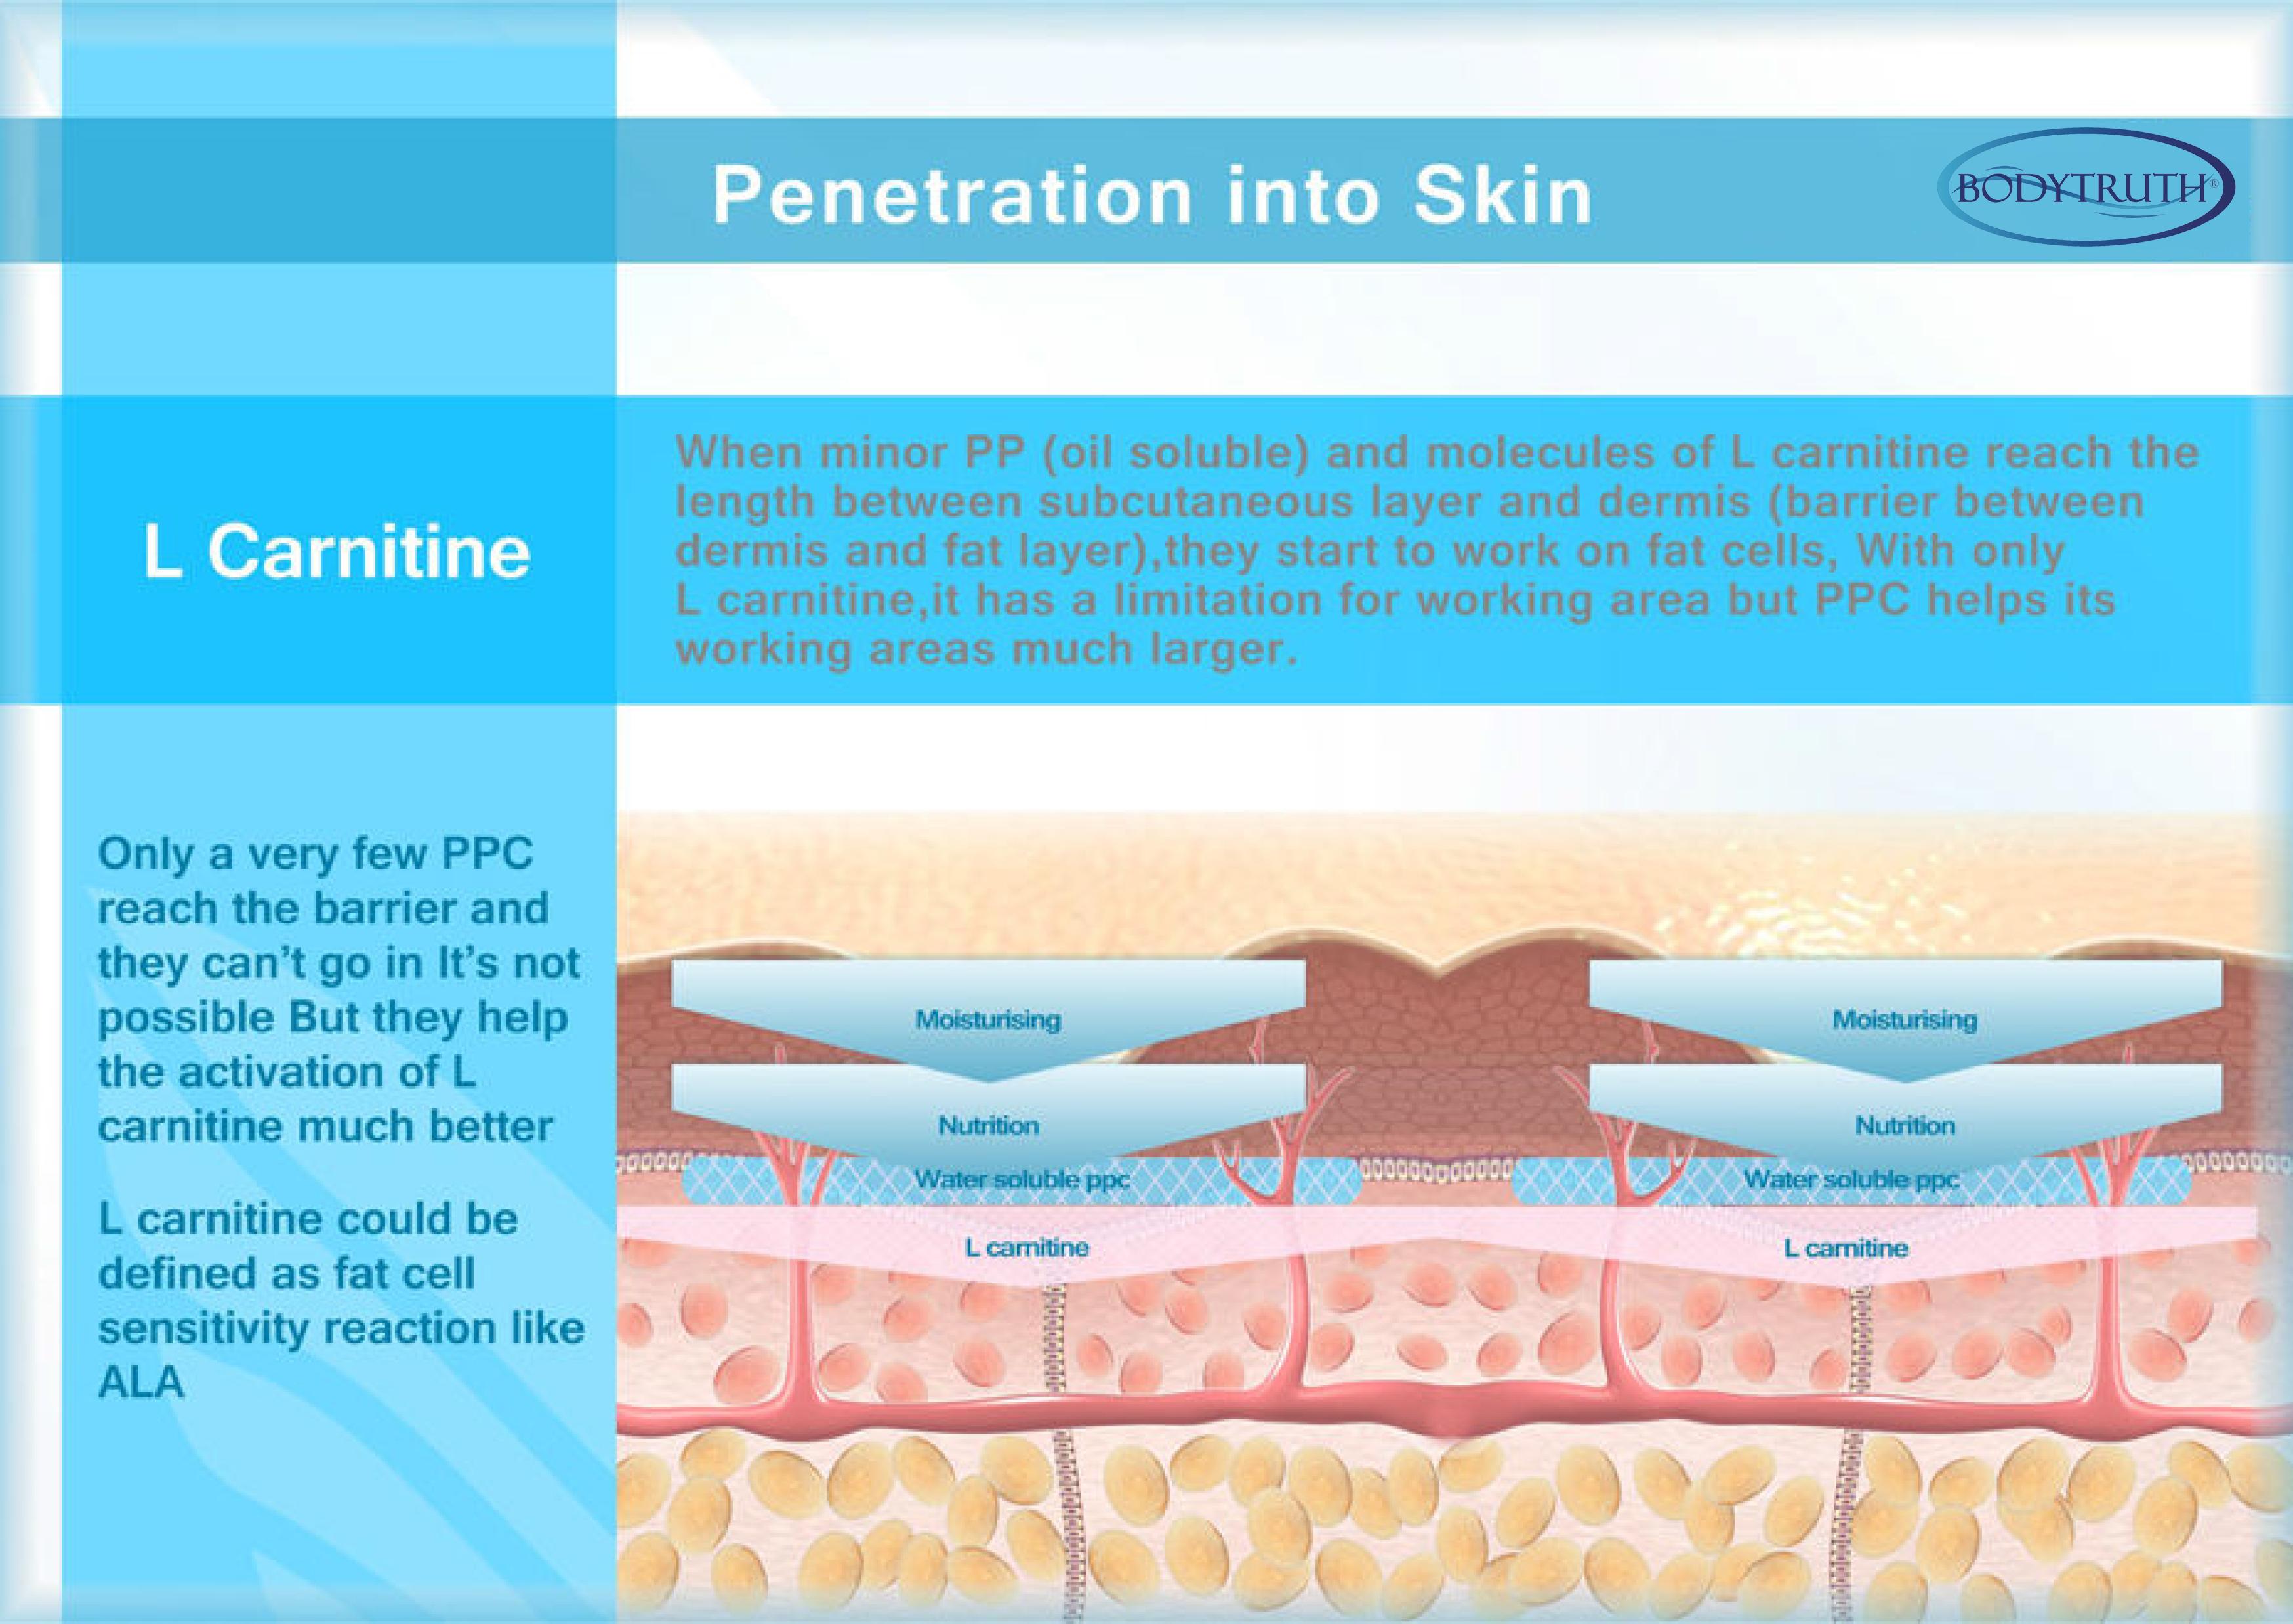 Épinglé par BodyTruth Medical Aesthetic sur PPC Cosmeceuticals